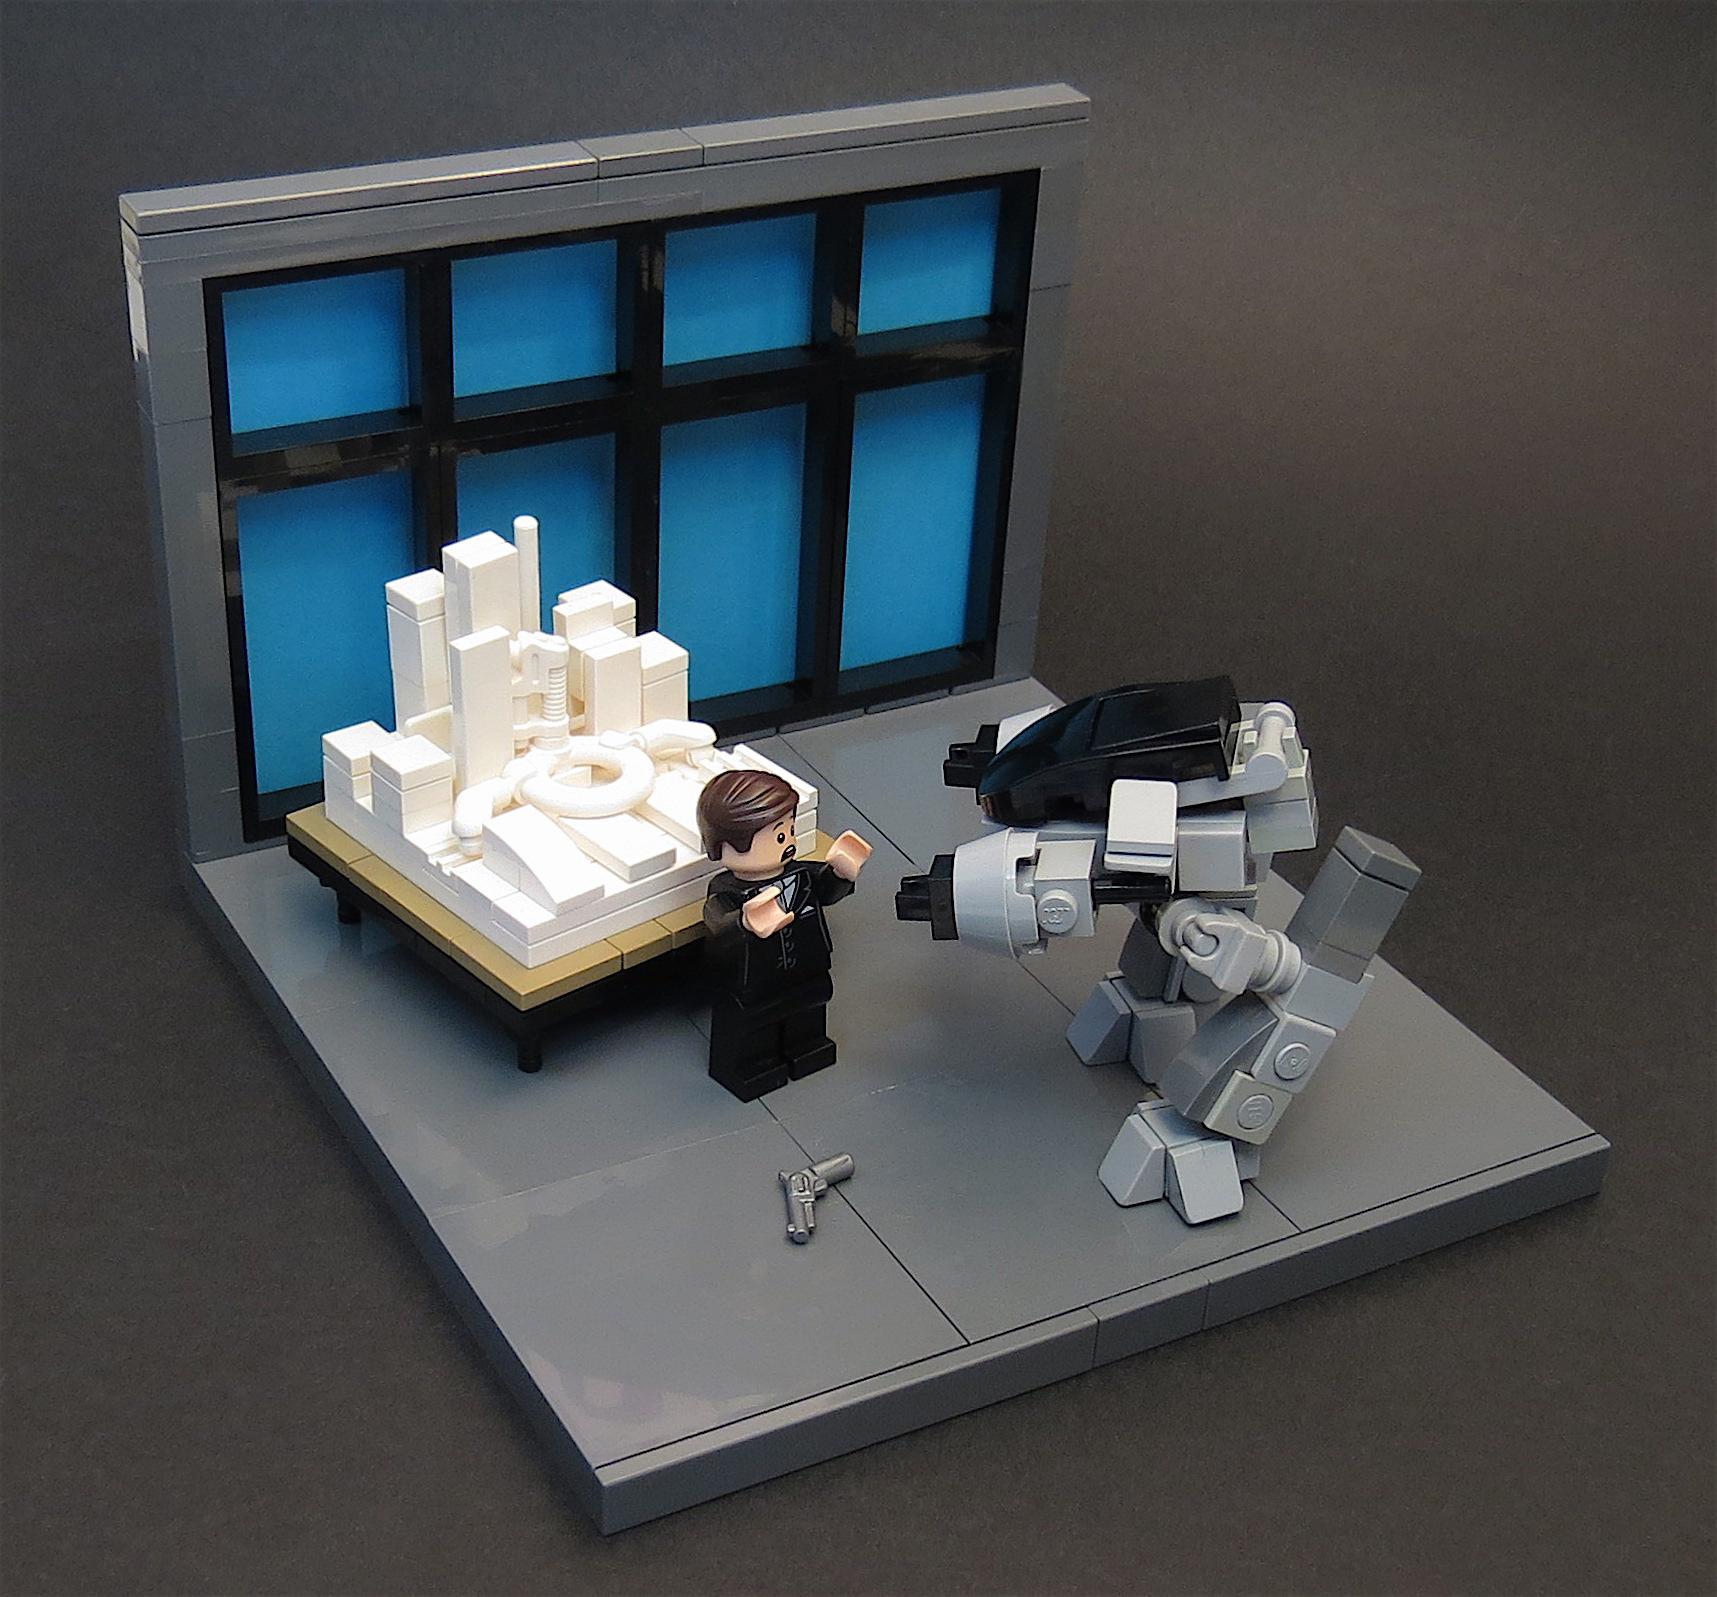 Adesso ha 5 secondi per eseguire....LEGO MOC ED-209 Presentazione